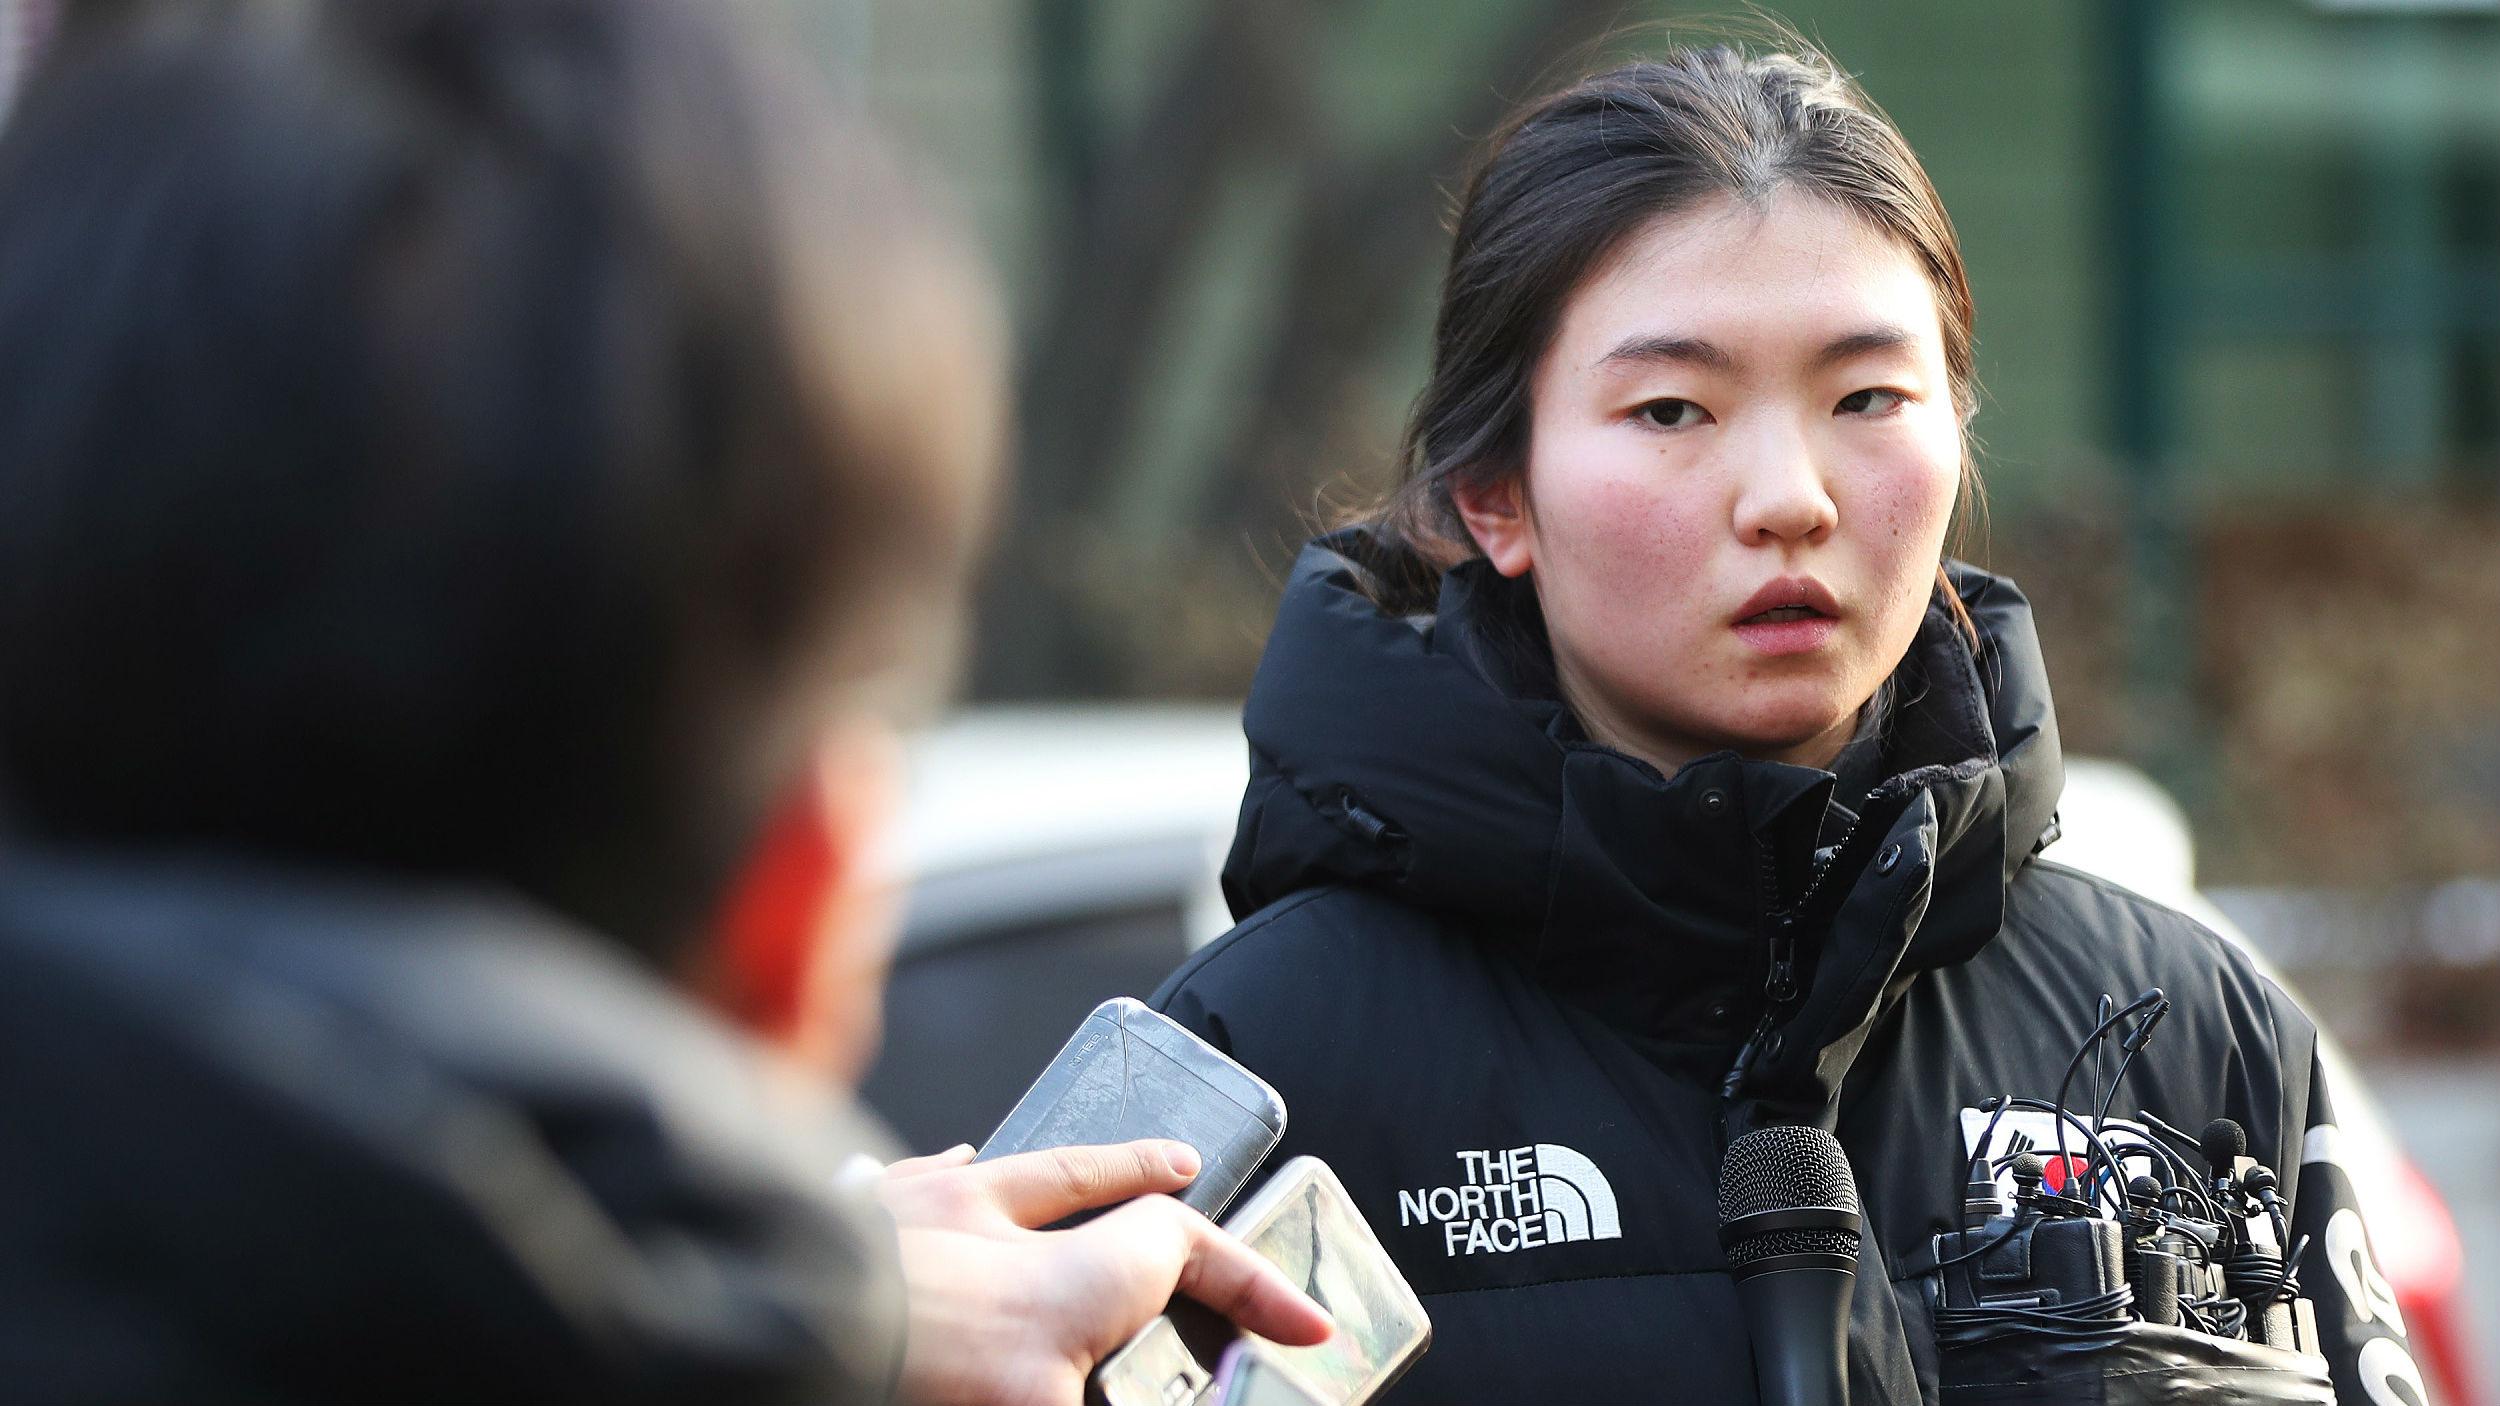 性侵、暴力和恐惧文化 韩国在奥运会上取得成功的阴暗面